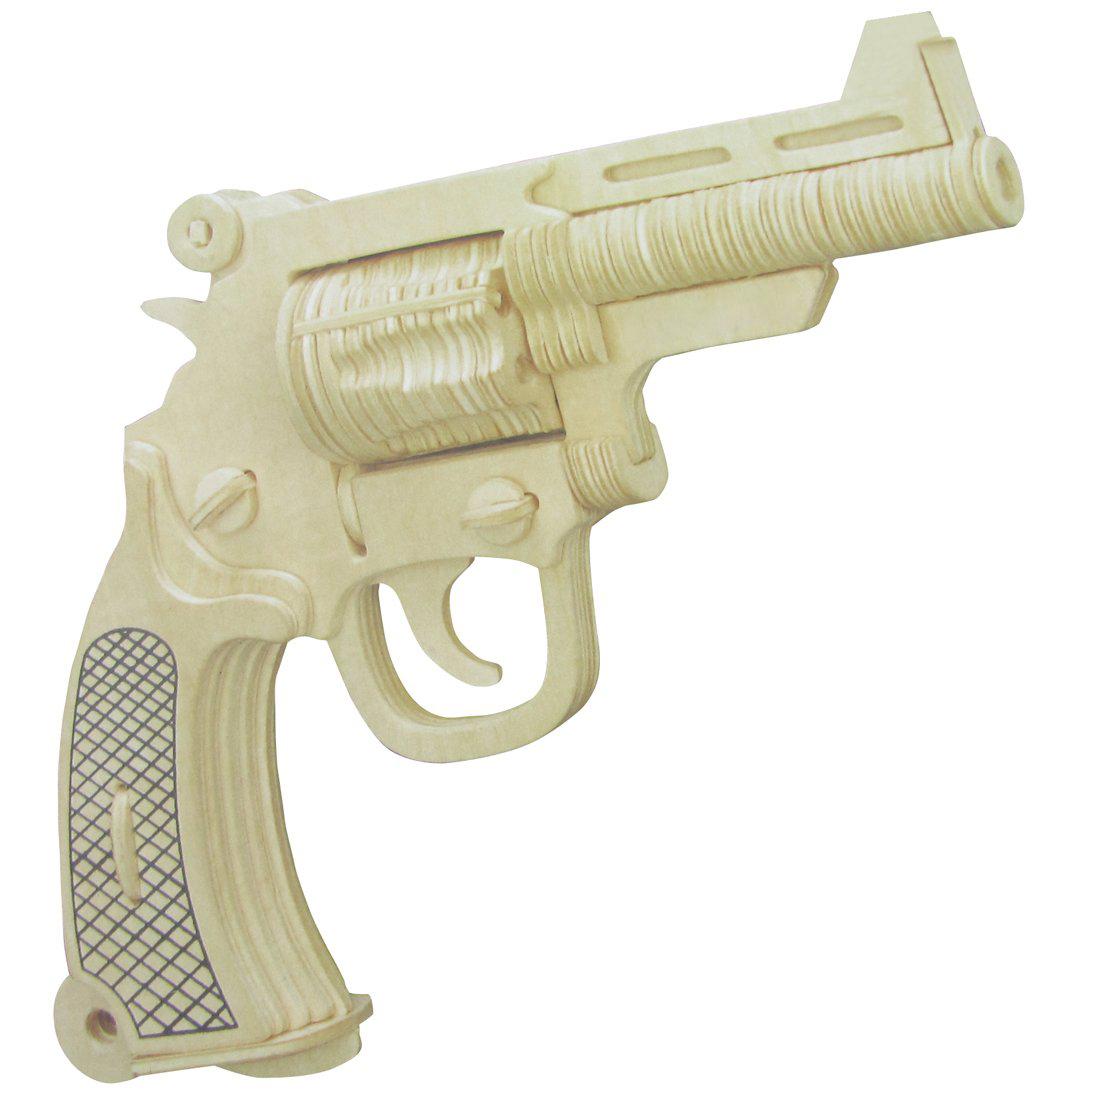 handwerk holz pistole modell puzzle spielzeug fuer kinder. Black Bedroom Furniture Sets. Home Design Ideas